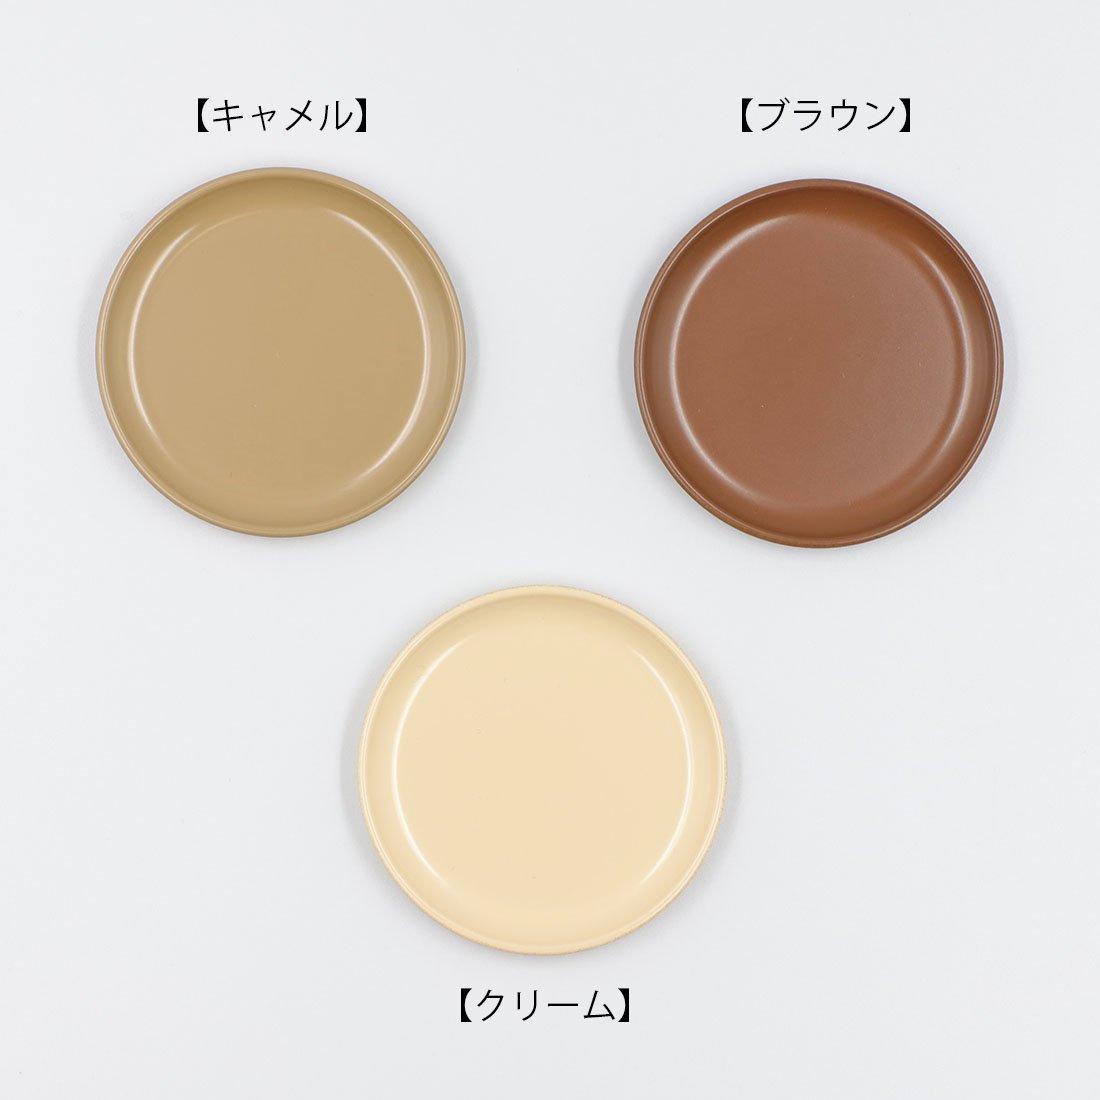 ことり 具足敷き【小】ナチュラル(全3色)